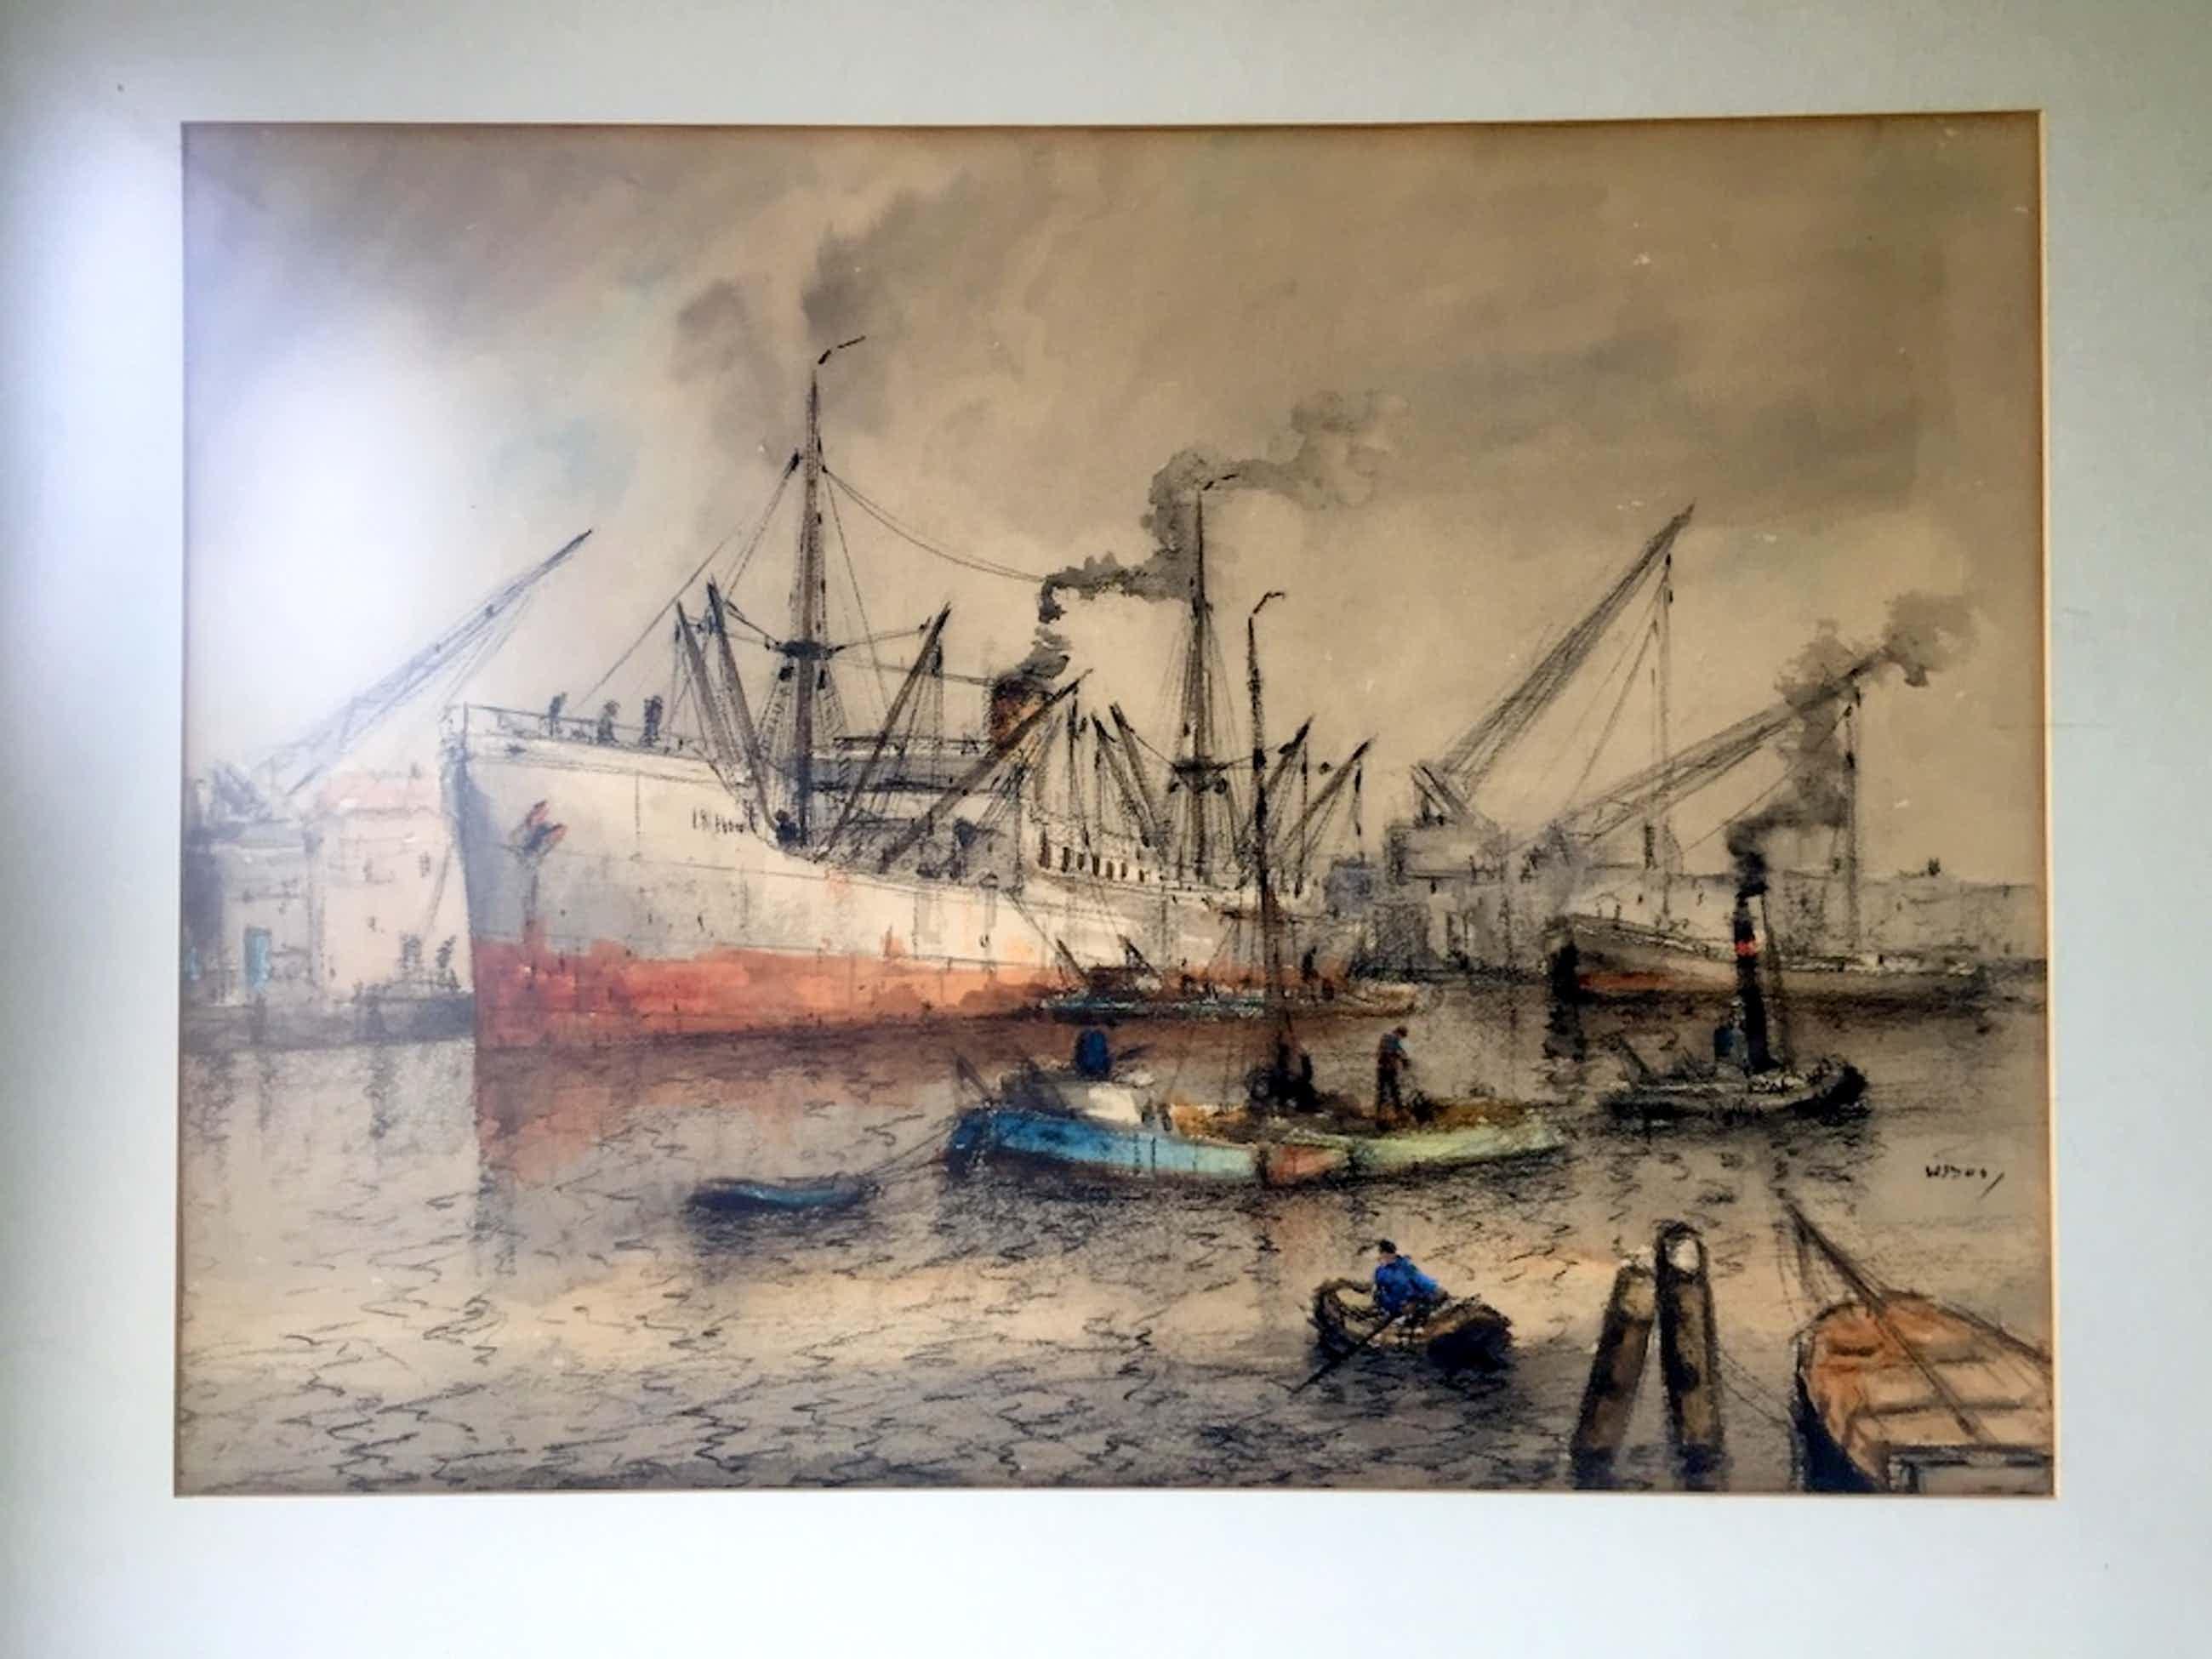 Willem Bos - Drukte in de Rotterdamse Haven - Gemengde techniek, Ingelijst kopen? Bied vanaf 240!